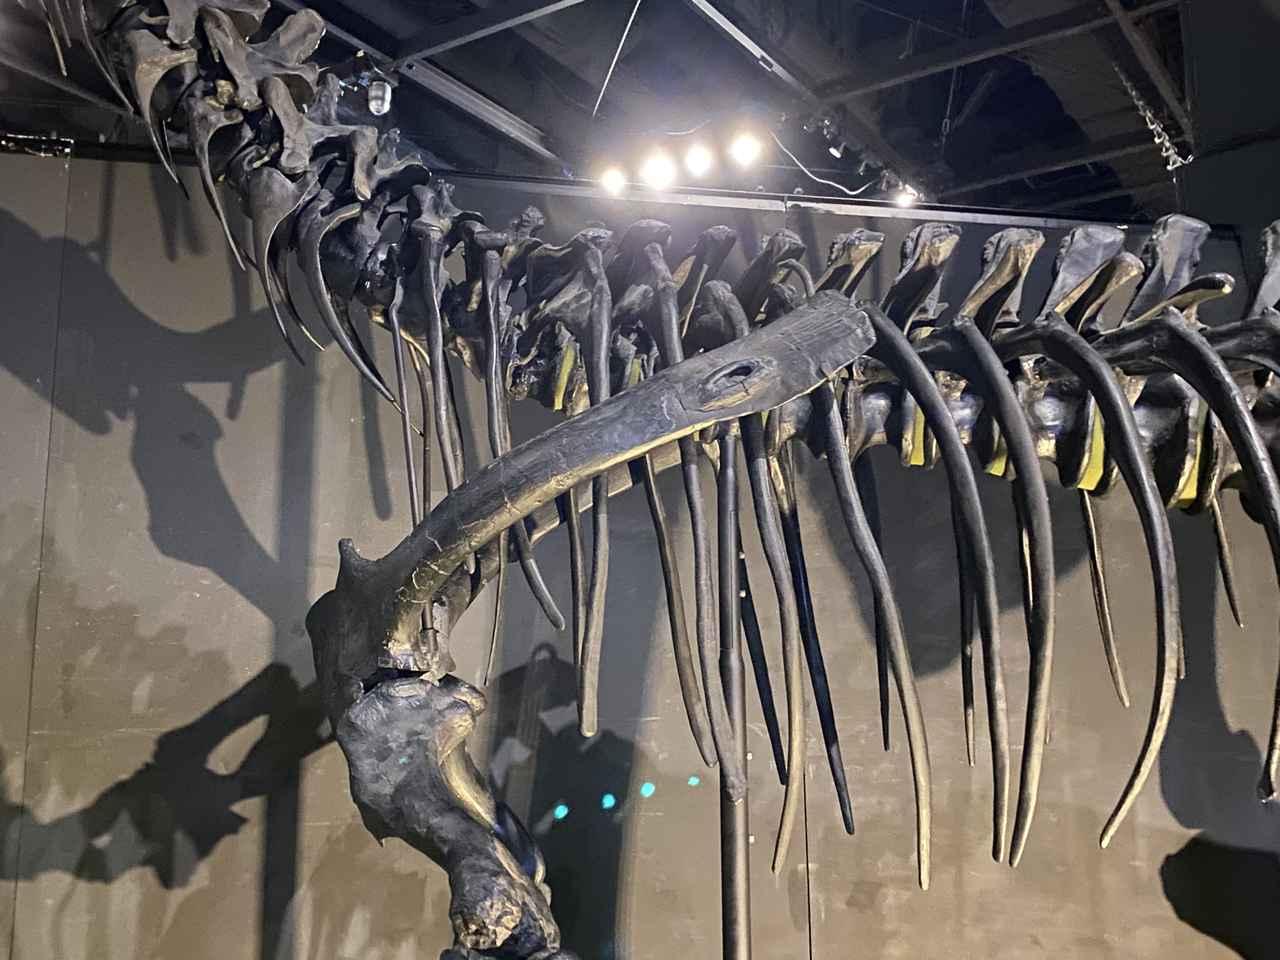 画像: ステゴサウルスのスパイクが刺さったであろうアロサウルスの傷